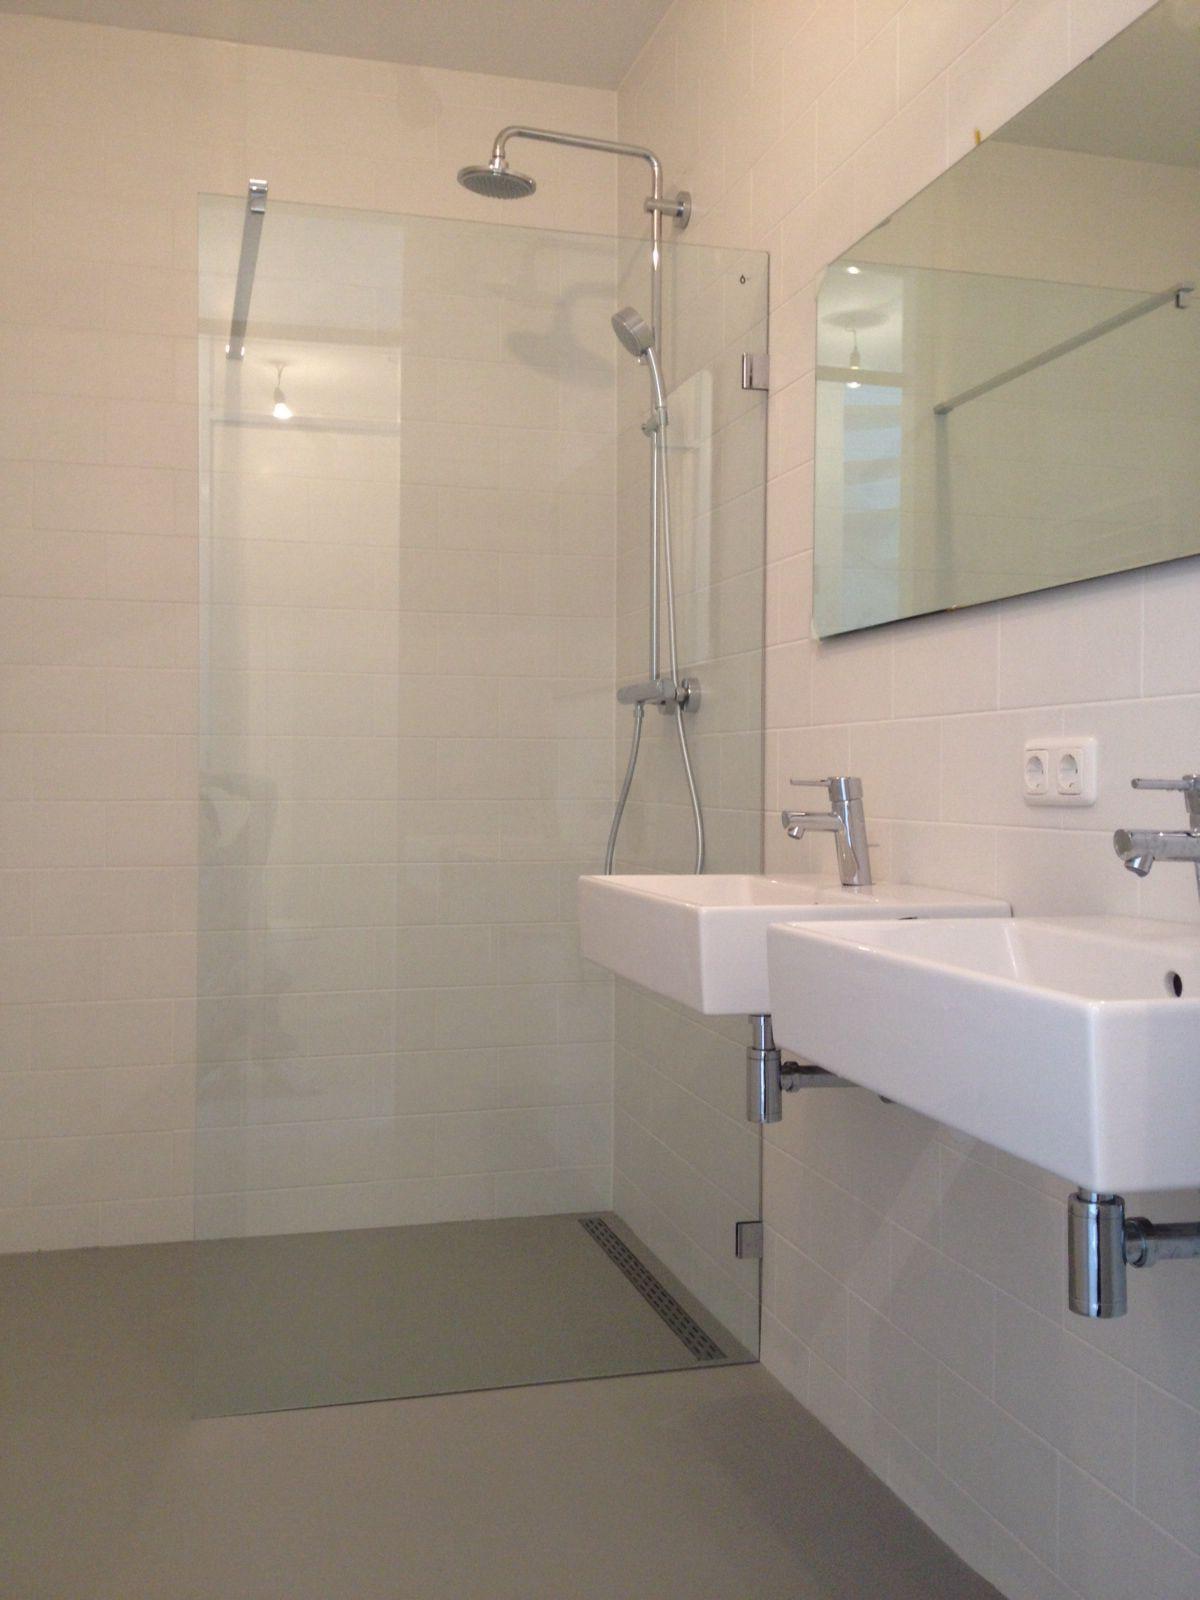 Gietvloer badkamer | badkamer | Pinterest | Toilet design, Toilet ...